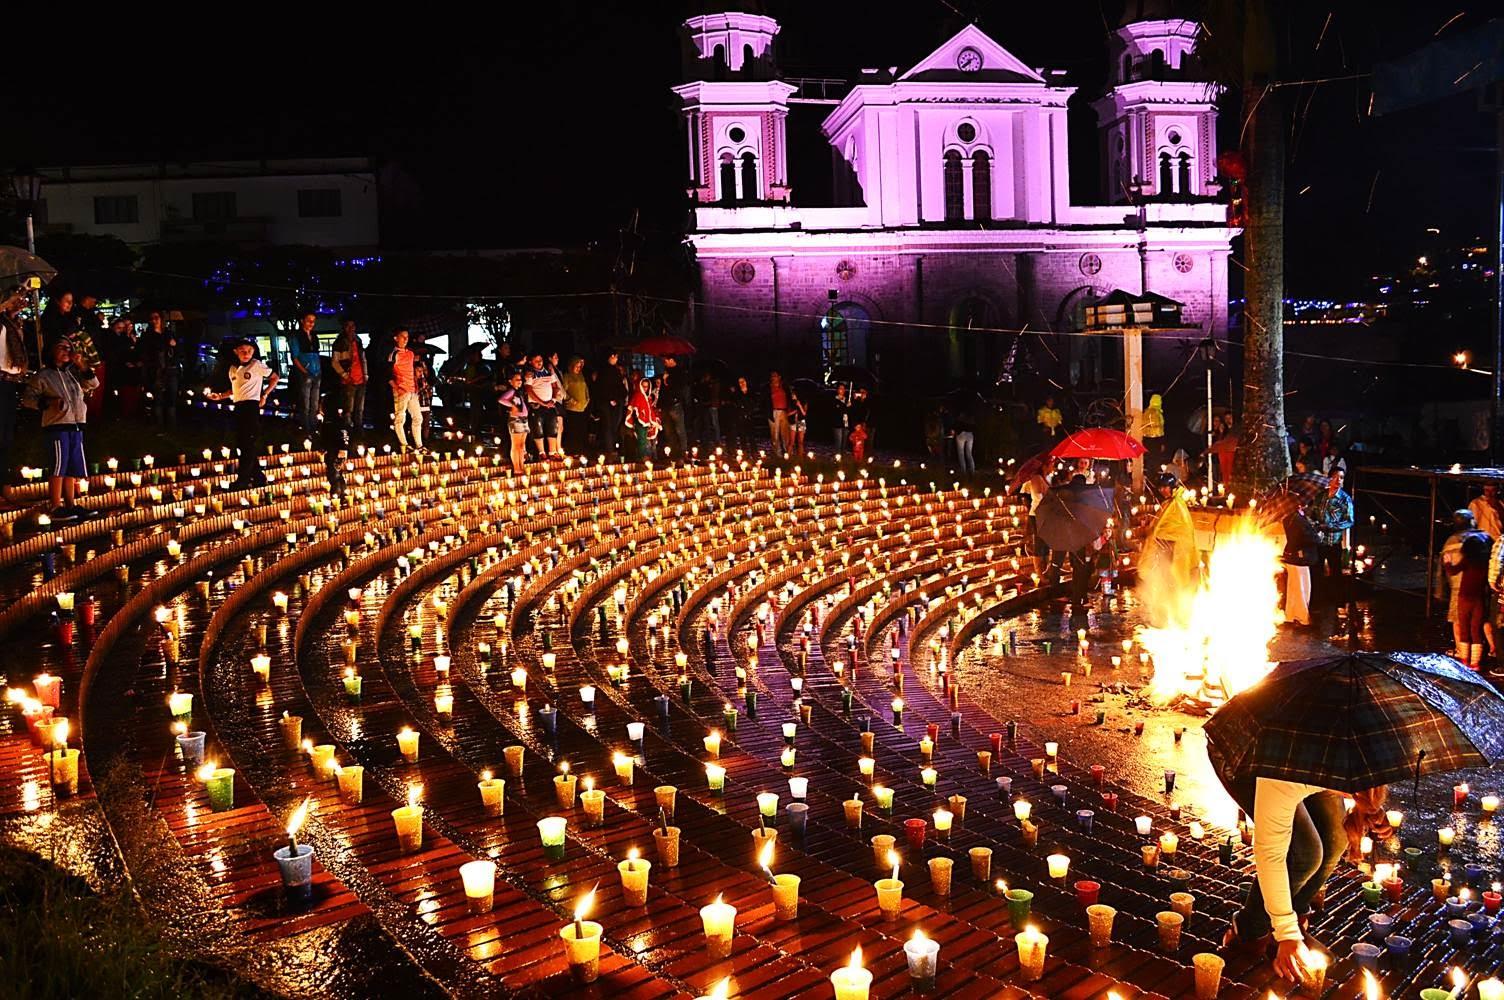 Noche de las velitas, navidad en Colombia